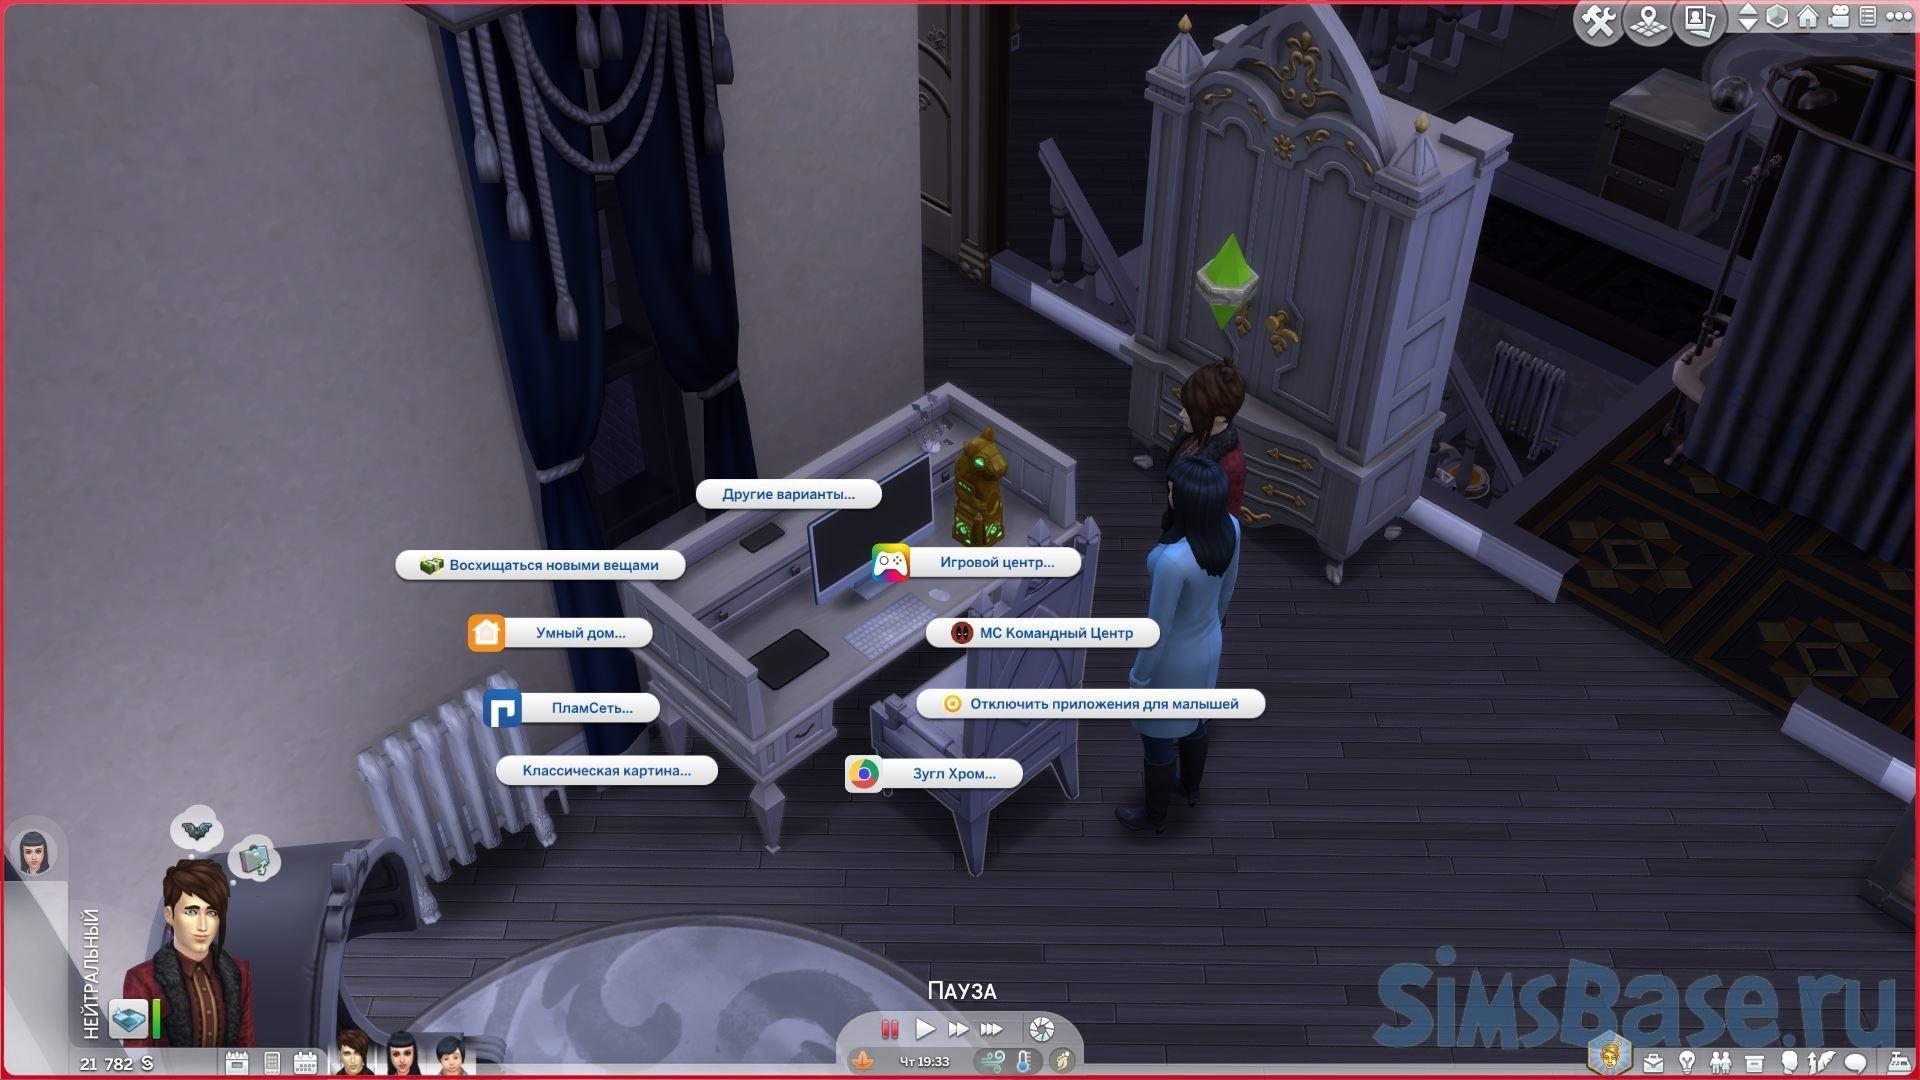 Мод «Набор функциональной электроники Plumfruit» от Arnie для Sims 4